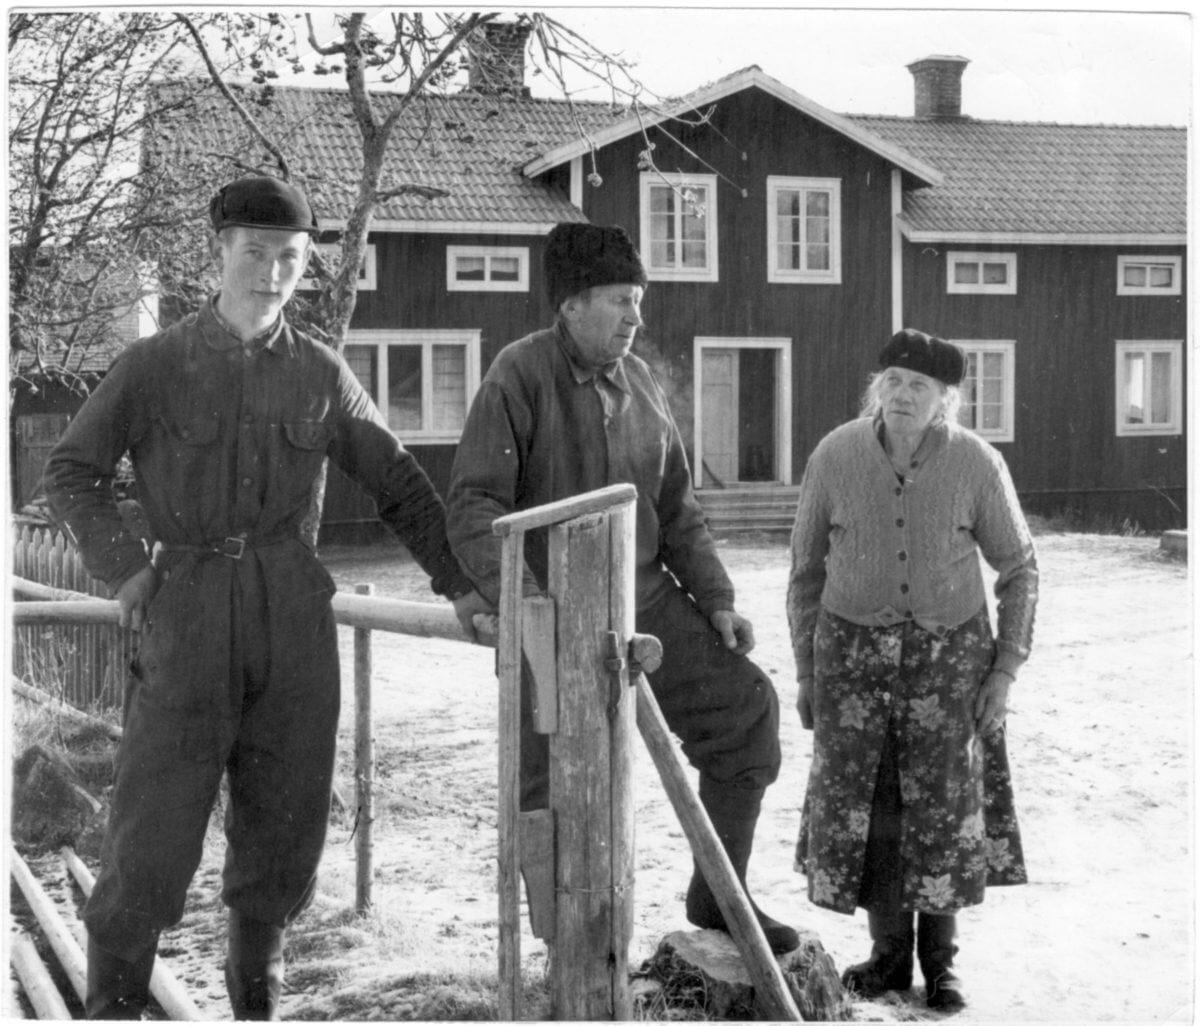 Tre människor står intill en gärdesgård som håller på att byggas.